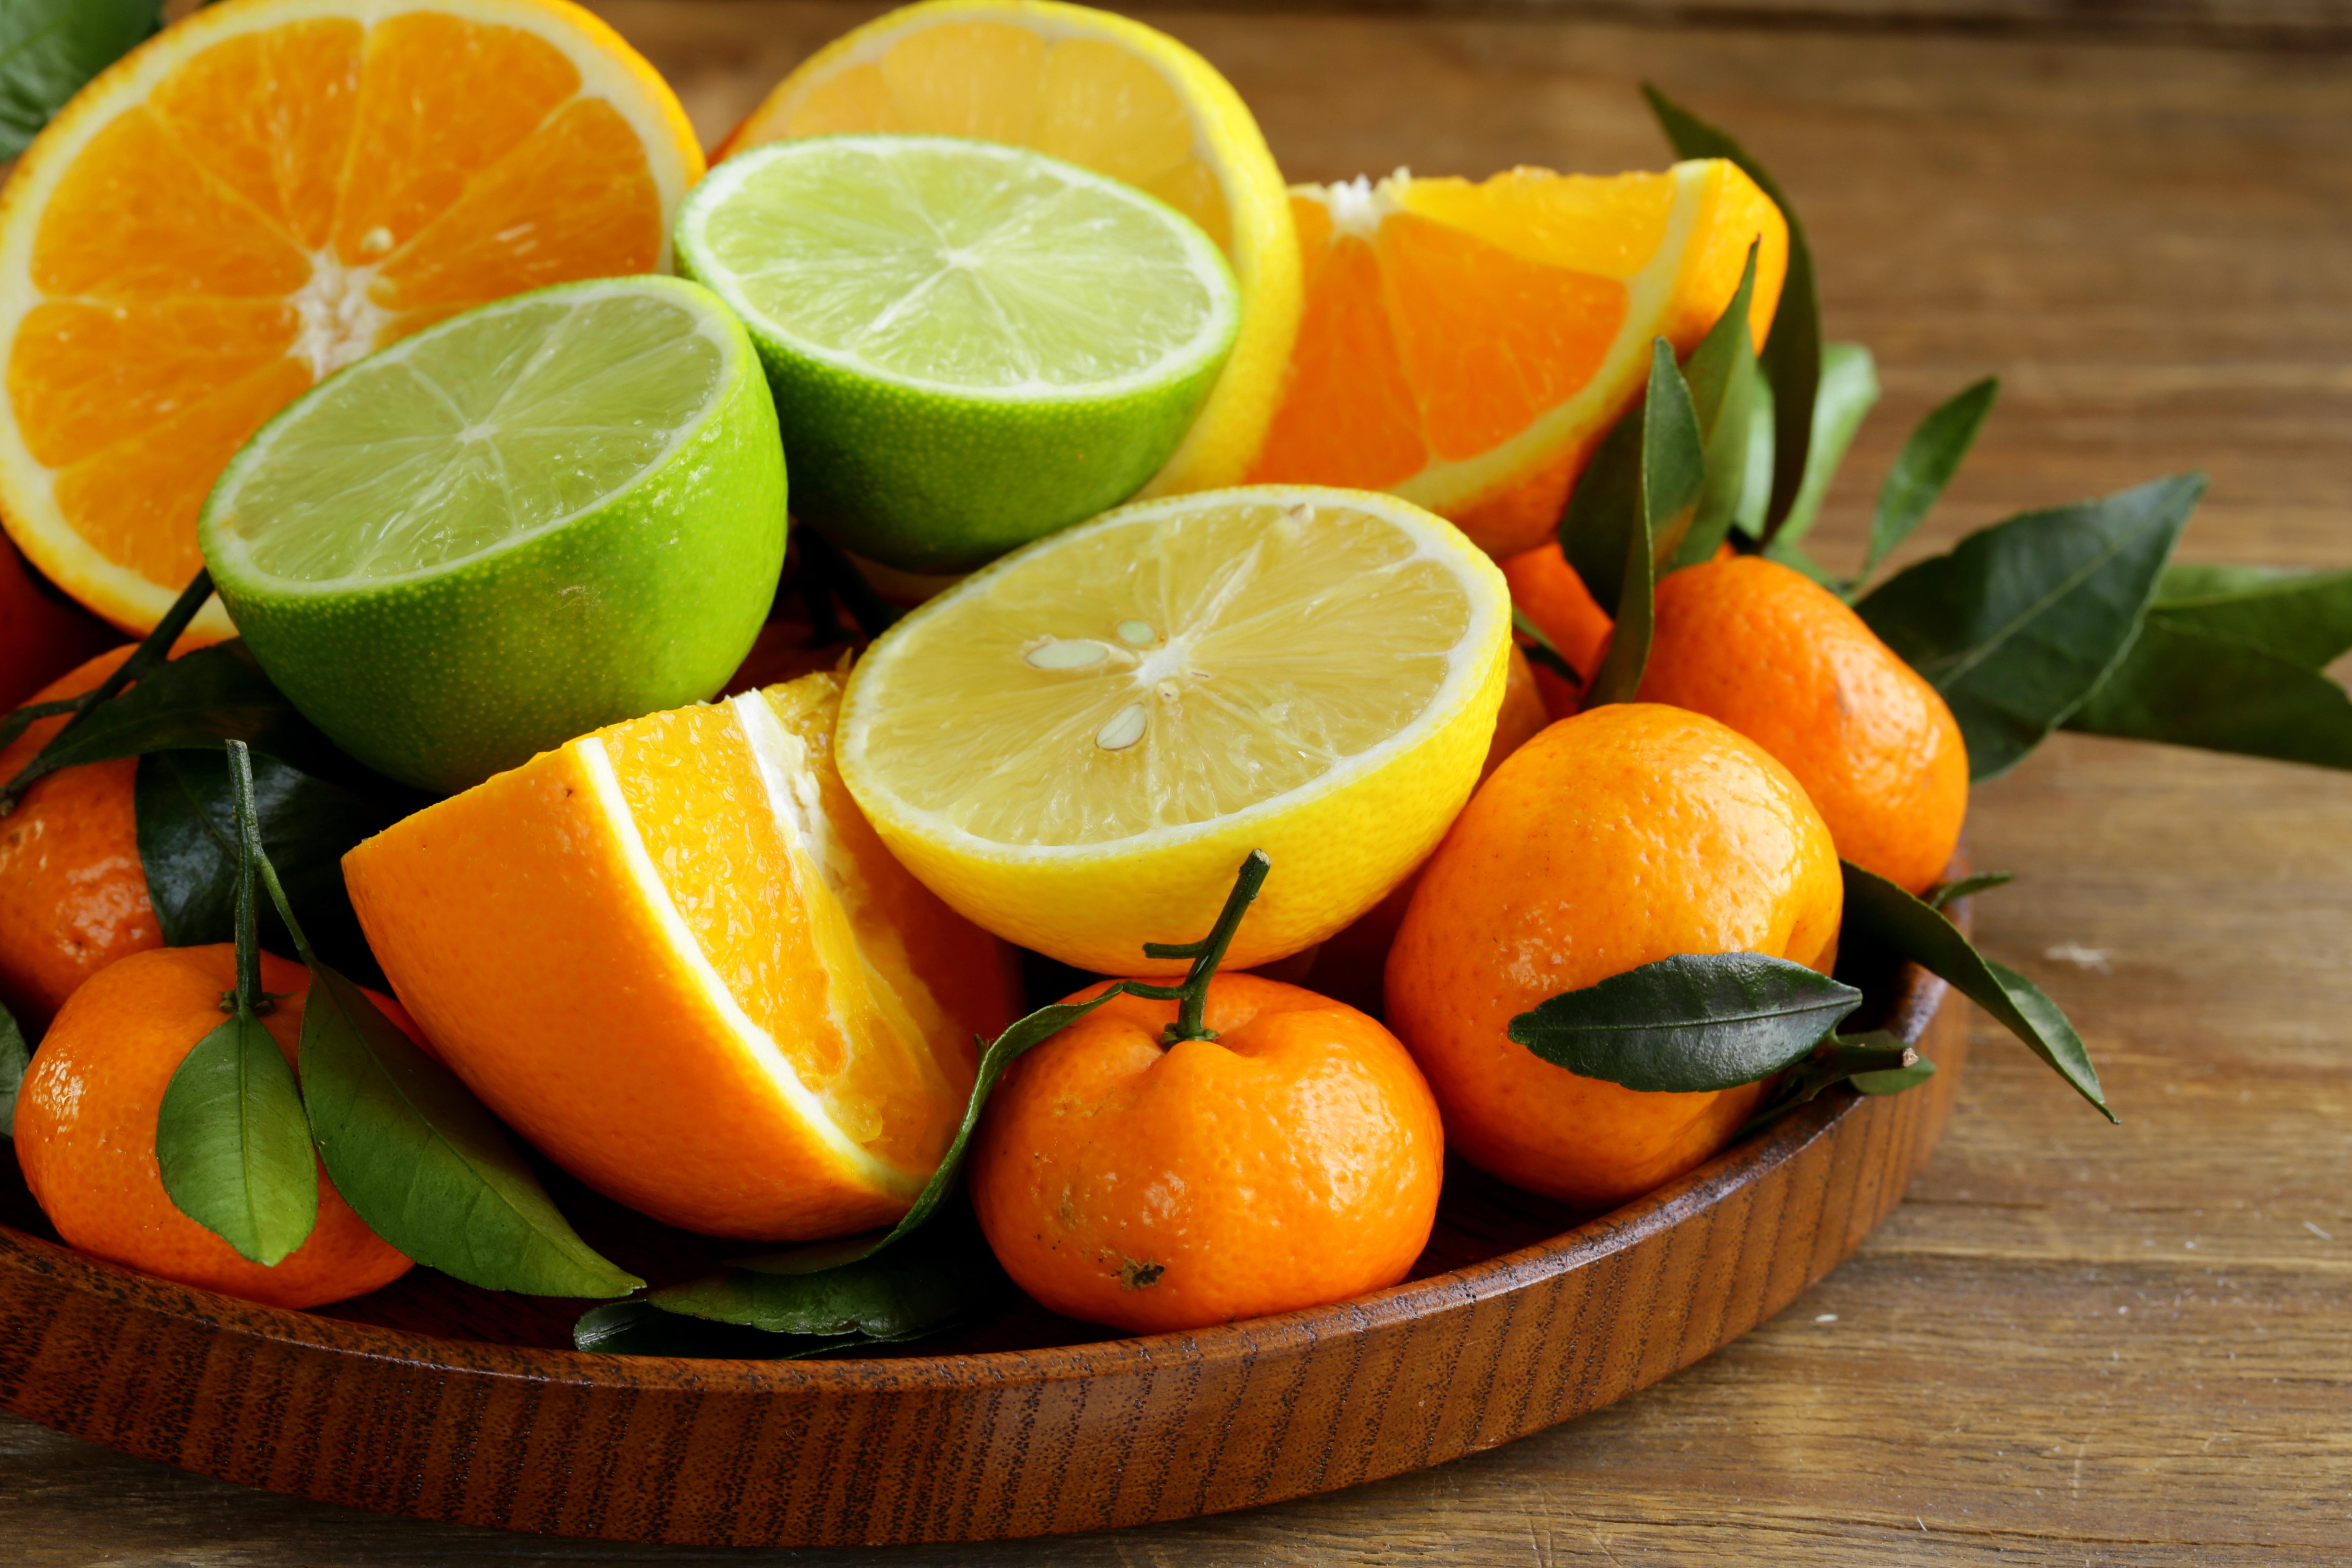 сок яблоки цитрусы помидоры  № 2265346 бесплатно